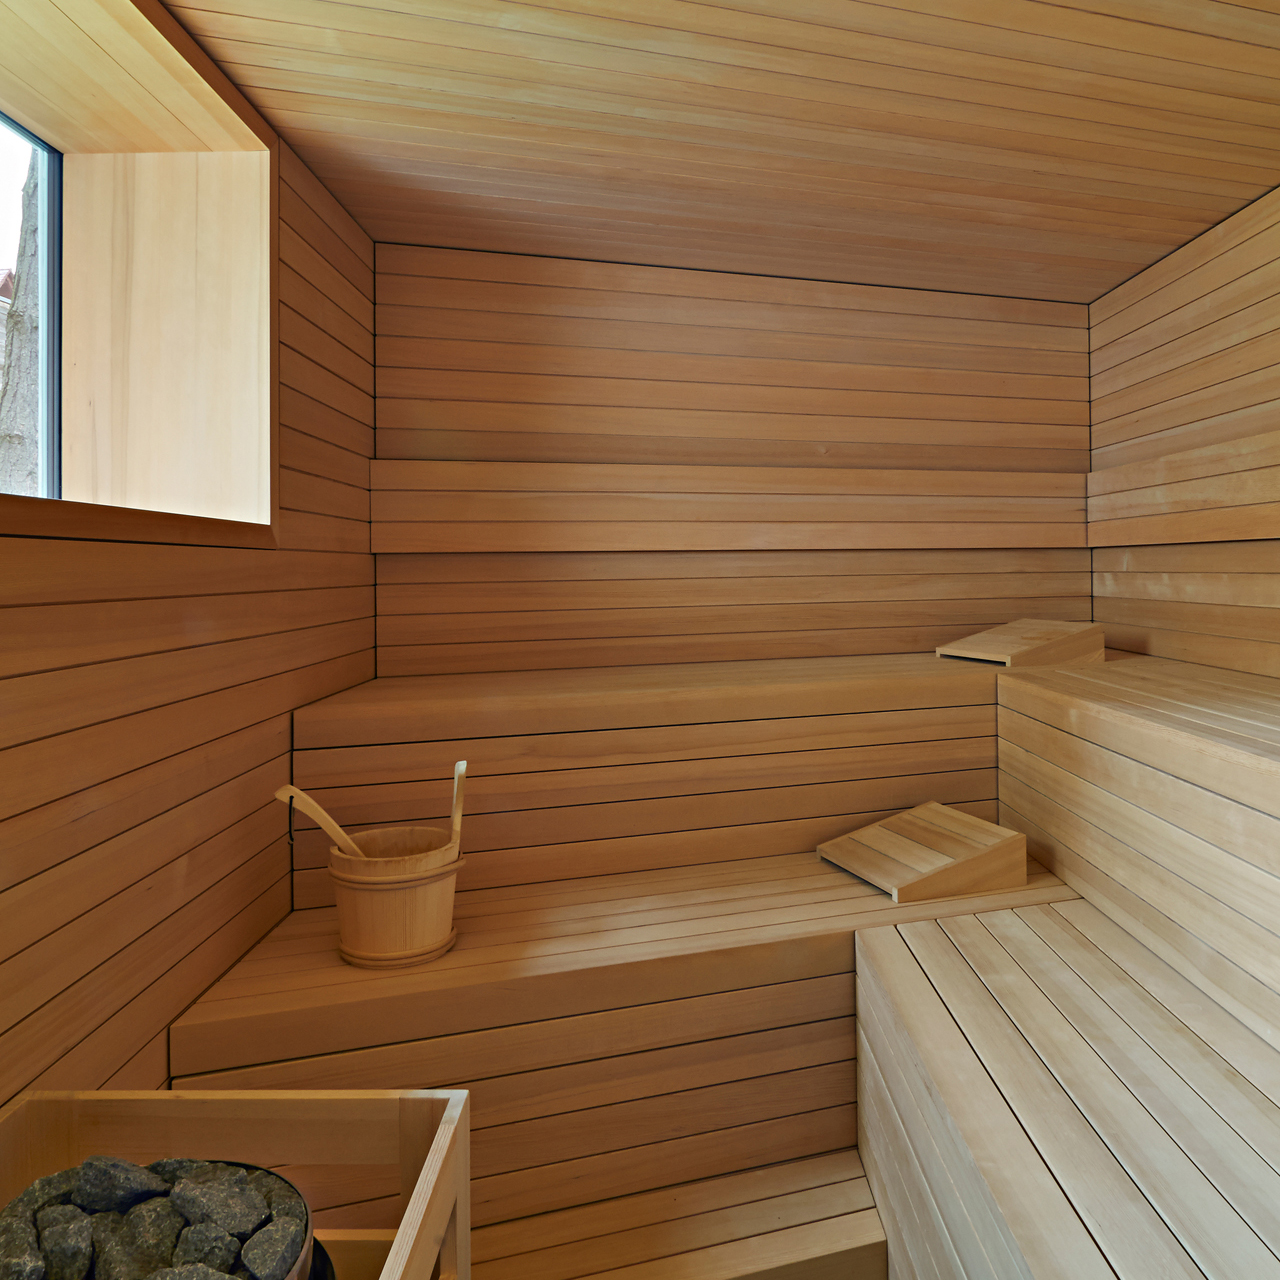 G stehaus mit sauna inland architektur - Sauna architektur ...